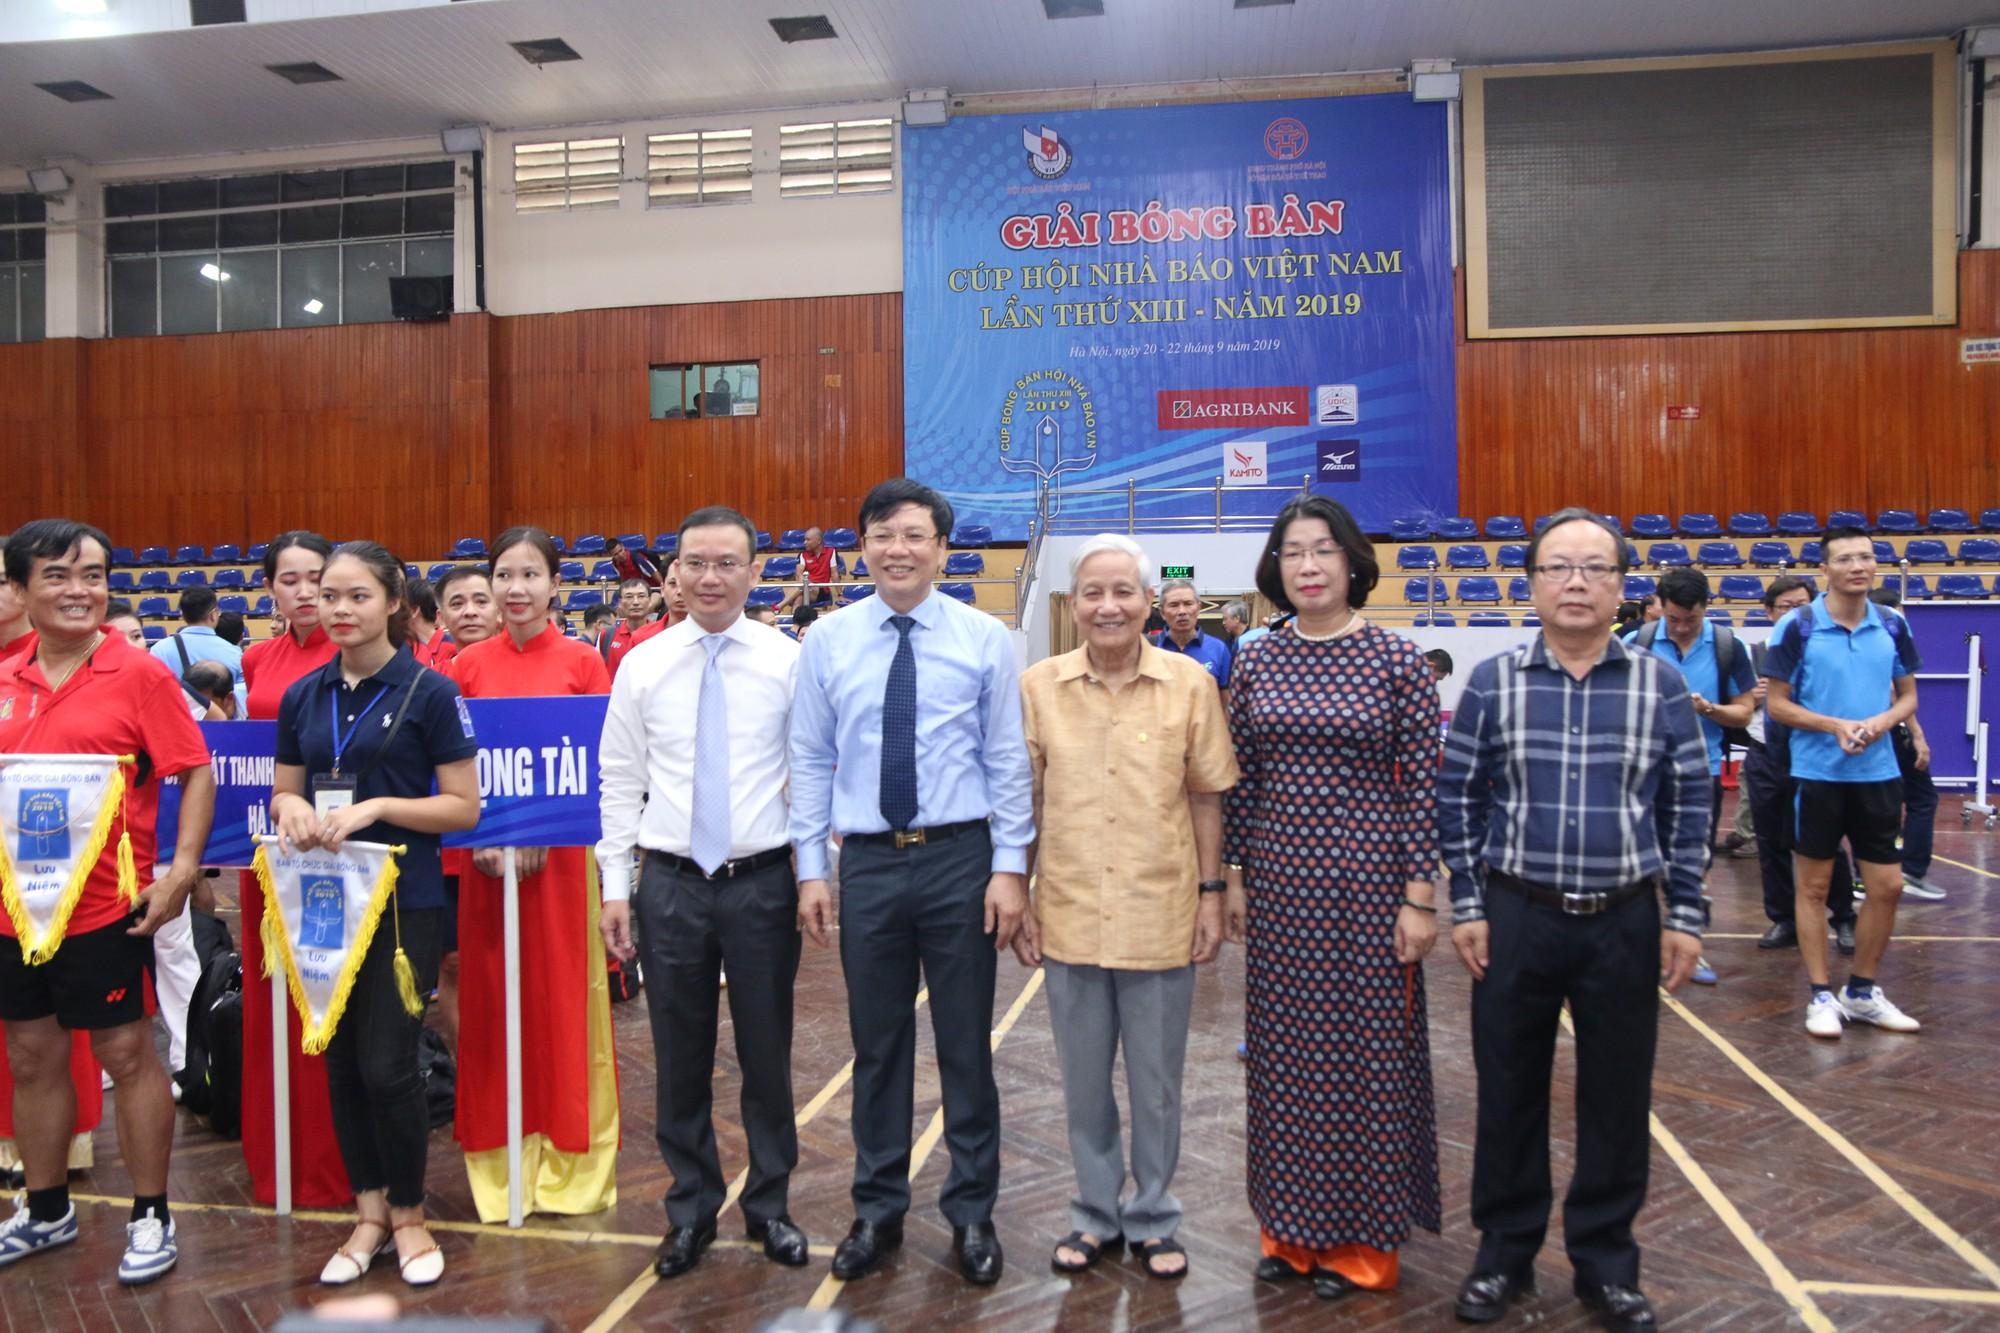 Hình ảnh: Gần 200 VĐV  tham dự giải Bóng bàn Cúp Hội Nhà báo Việt Nam lần thứ XIII số 2